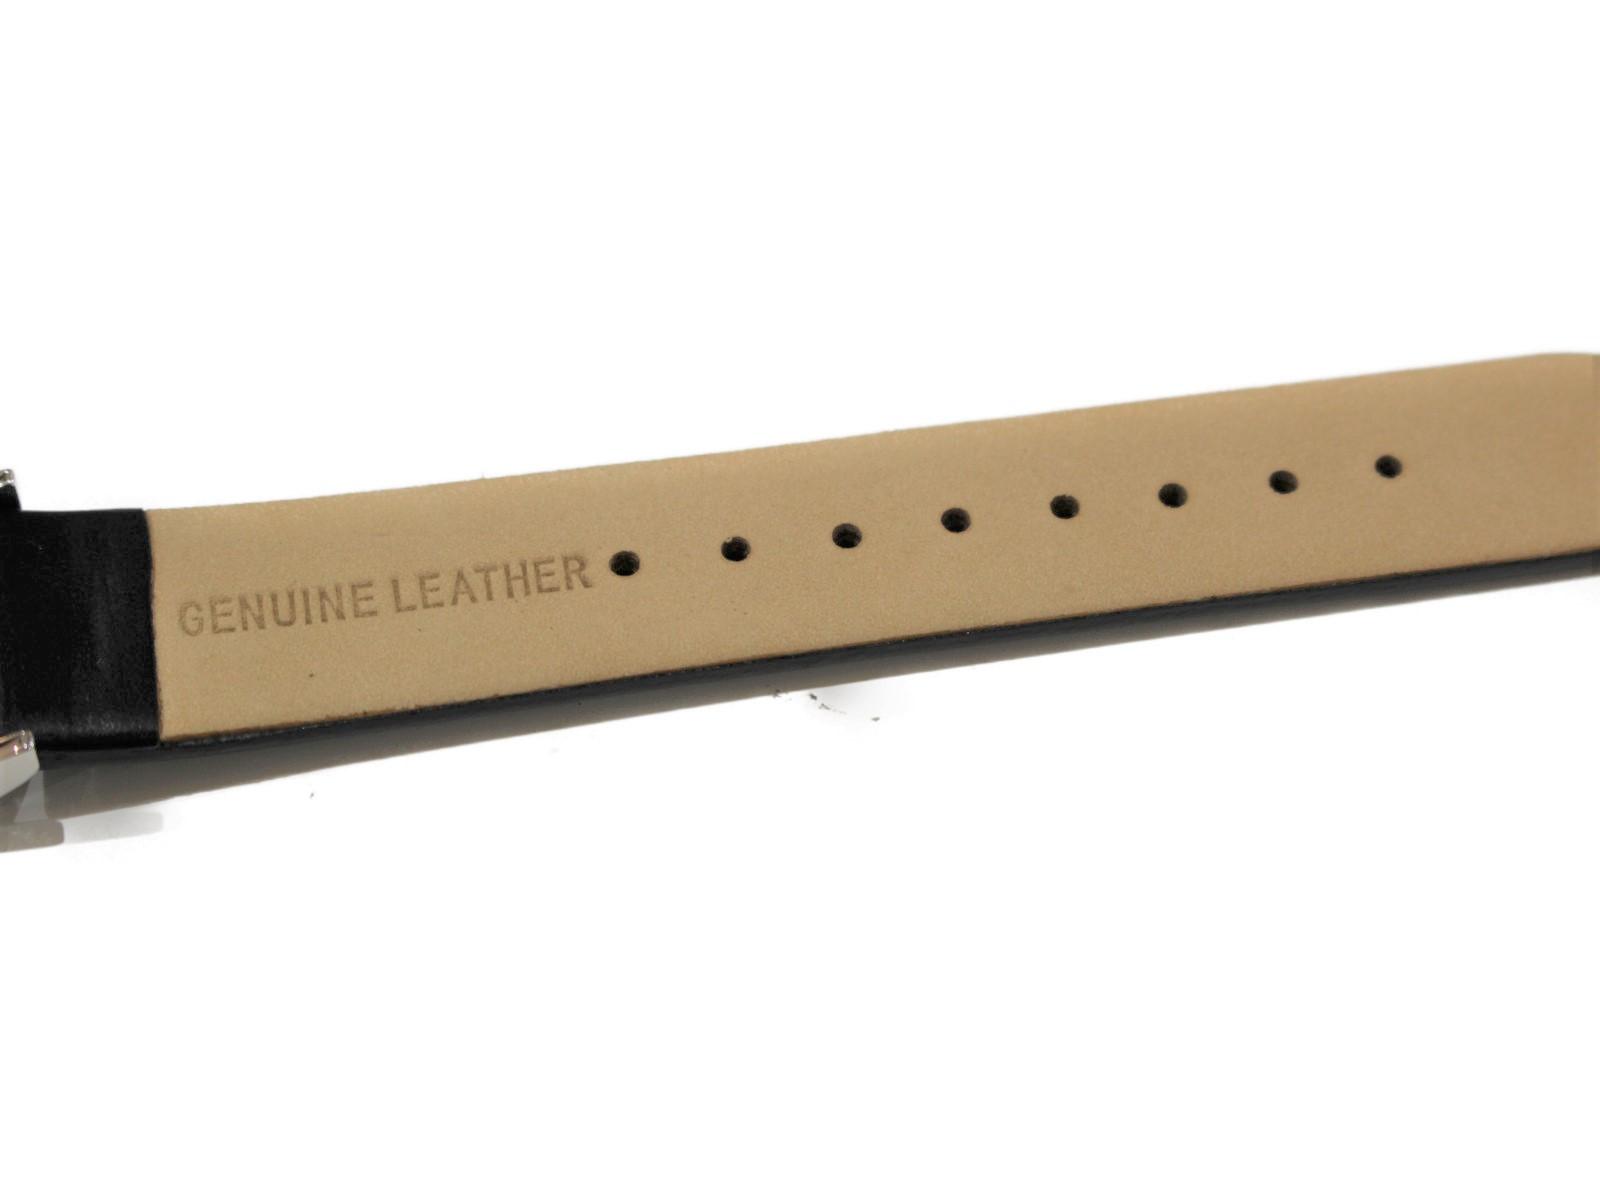 SACCSNY Y'SACCS クォーツ腕時計 SYA 15143S BKステンレススチール SS シルバー 革 レザー ベルト クォーツ ブラック シルバー シンプル レディース ウィメンズ プレゼント 腕時計eorCWxdB